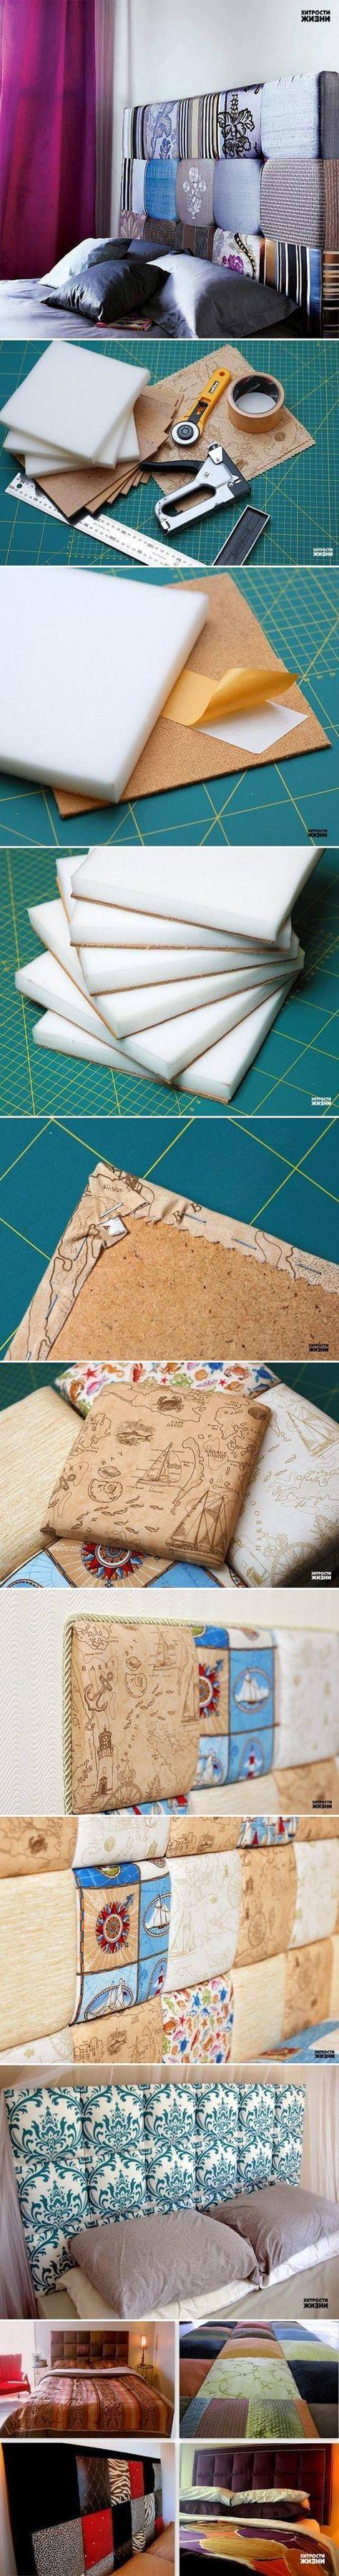 DIY Bettkopfende gestalten. Polsterkopfende aus Schaumstoff und Stoff erstellen